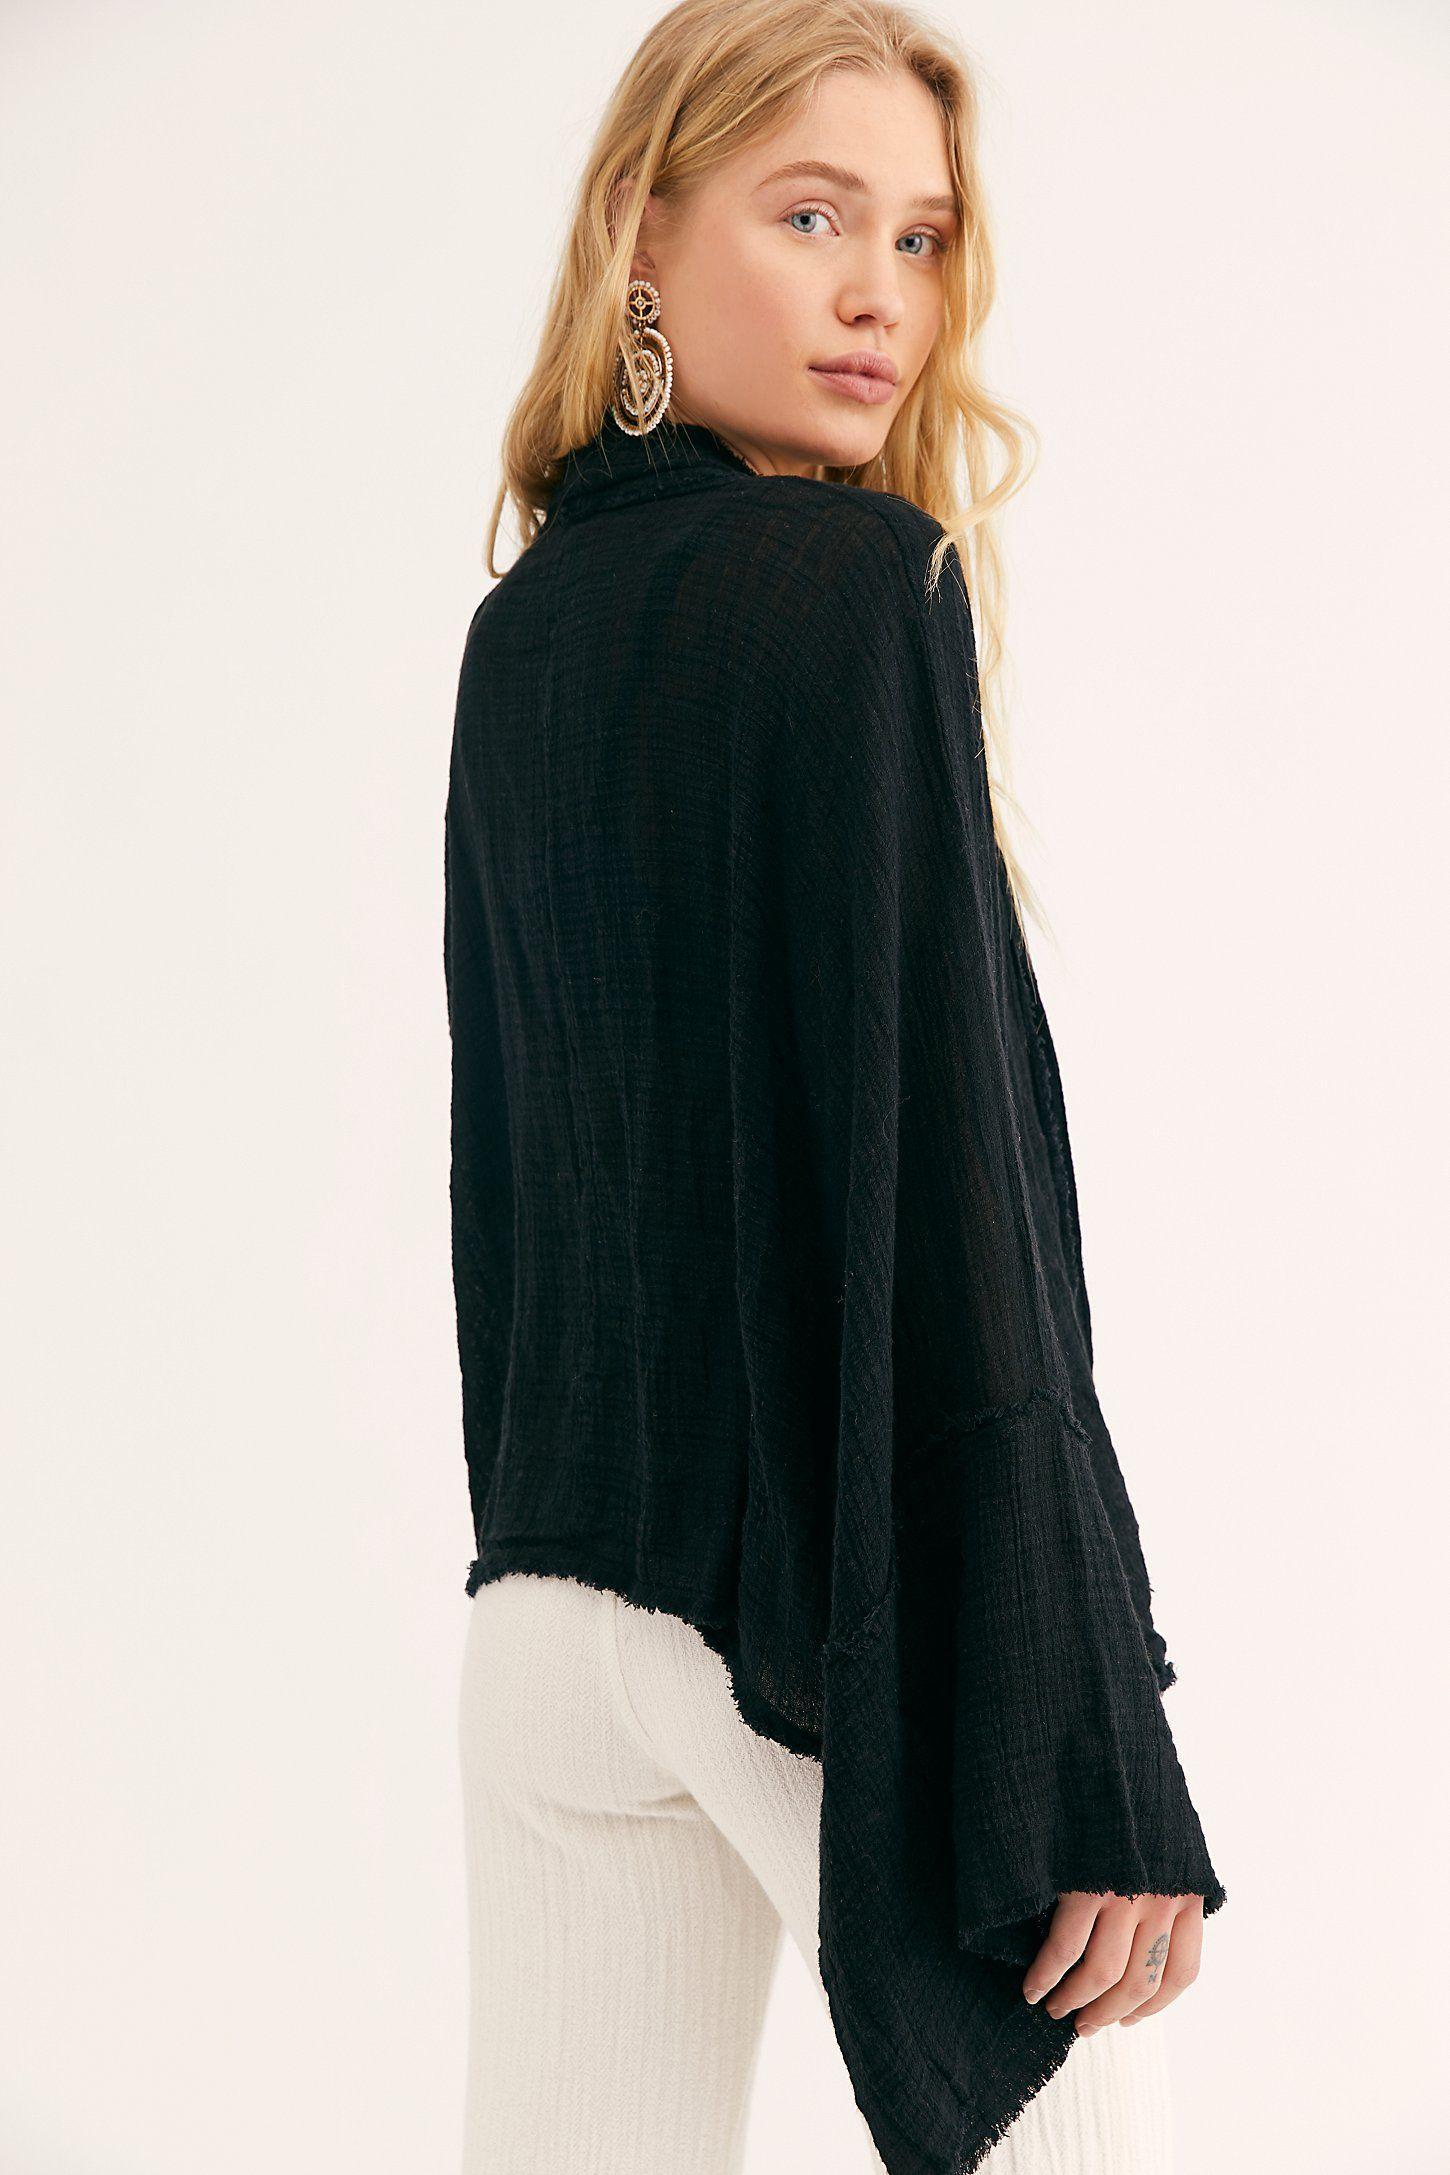 FP One Azalea Kimono | Kimono style tops, Free people